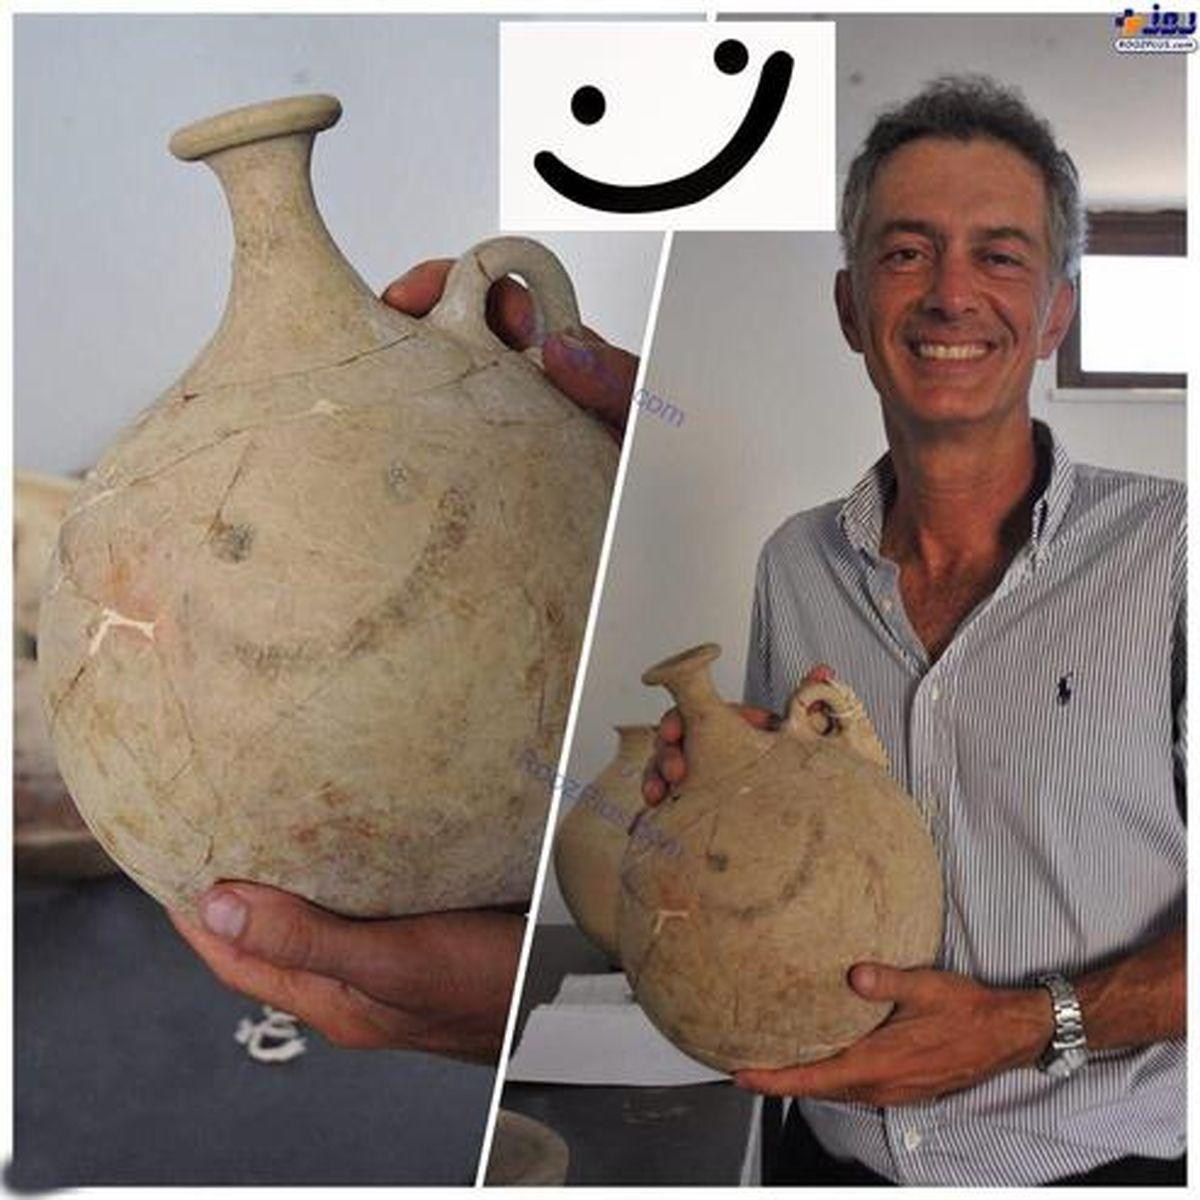 کشف قدیمىترین ایموجى در مرز مناطق جنگى سوریه! +عکس